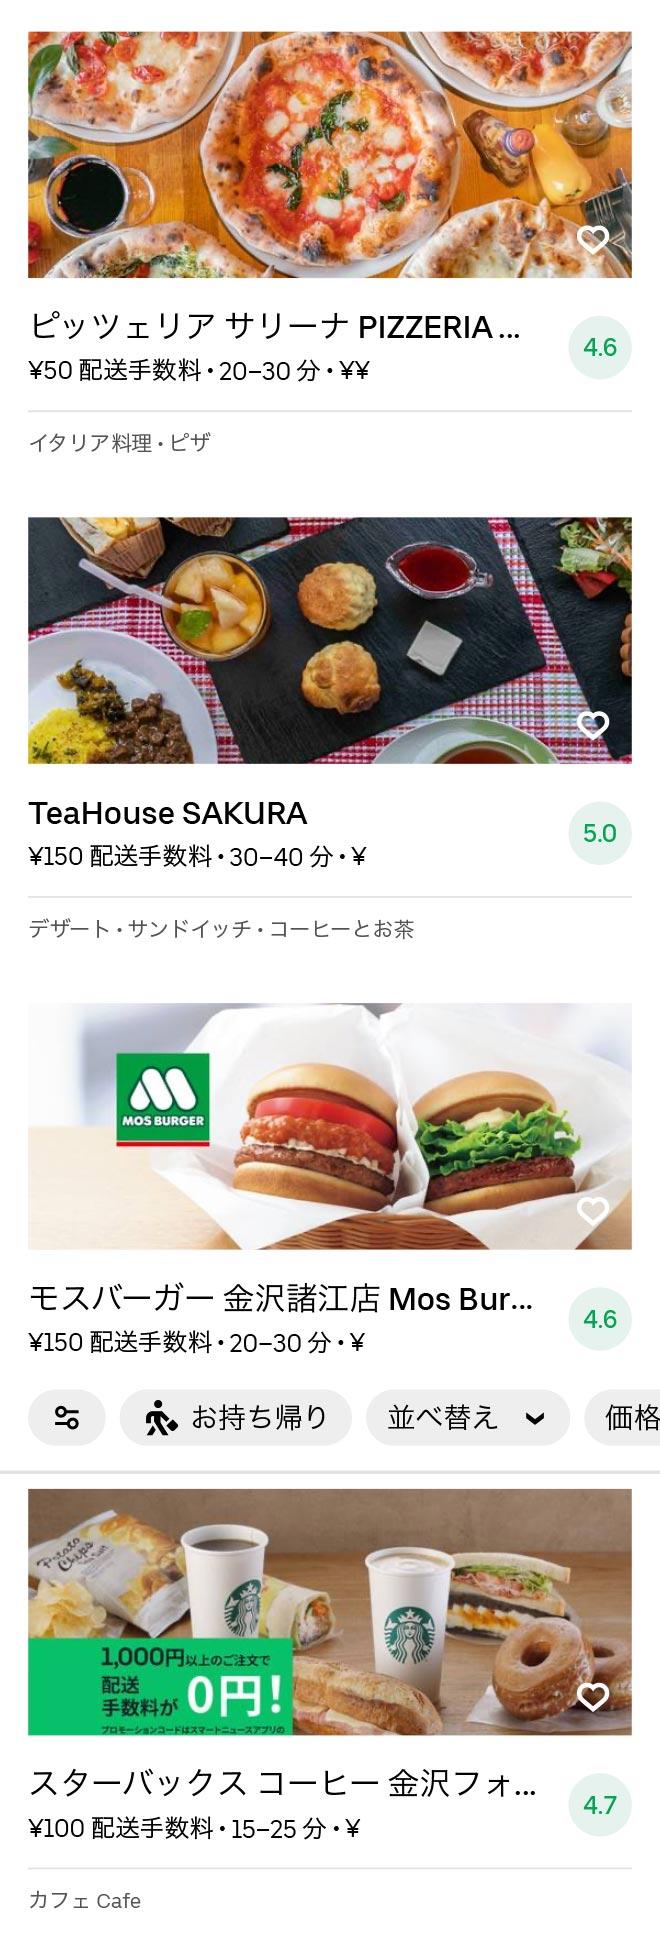 Kanazawa menu 2009 09